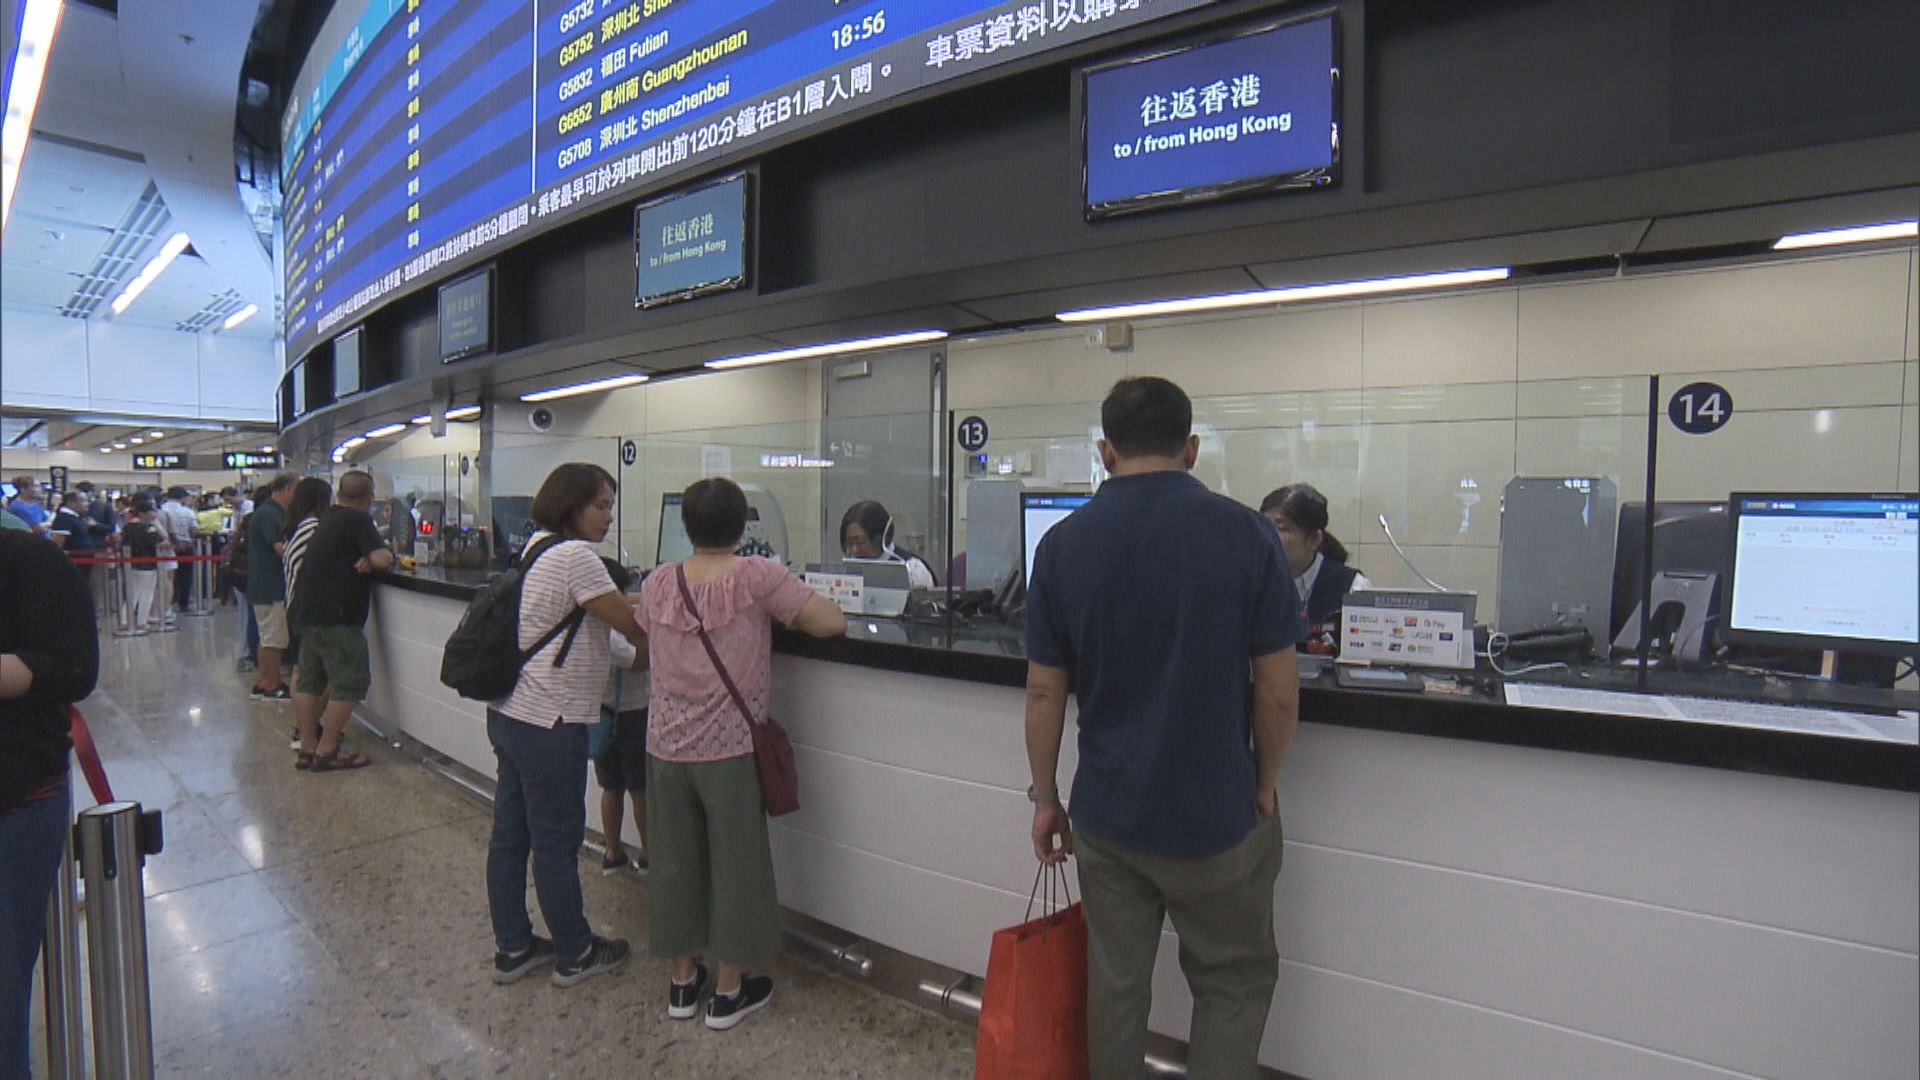 中鐵研究讓港人在內地網站購高鐵票